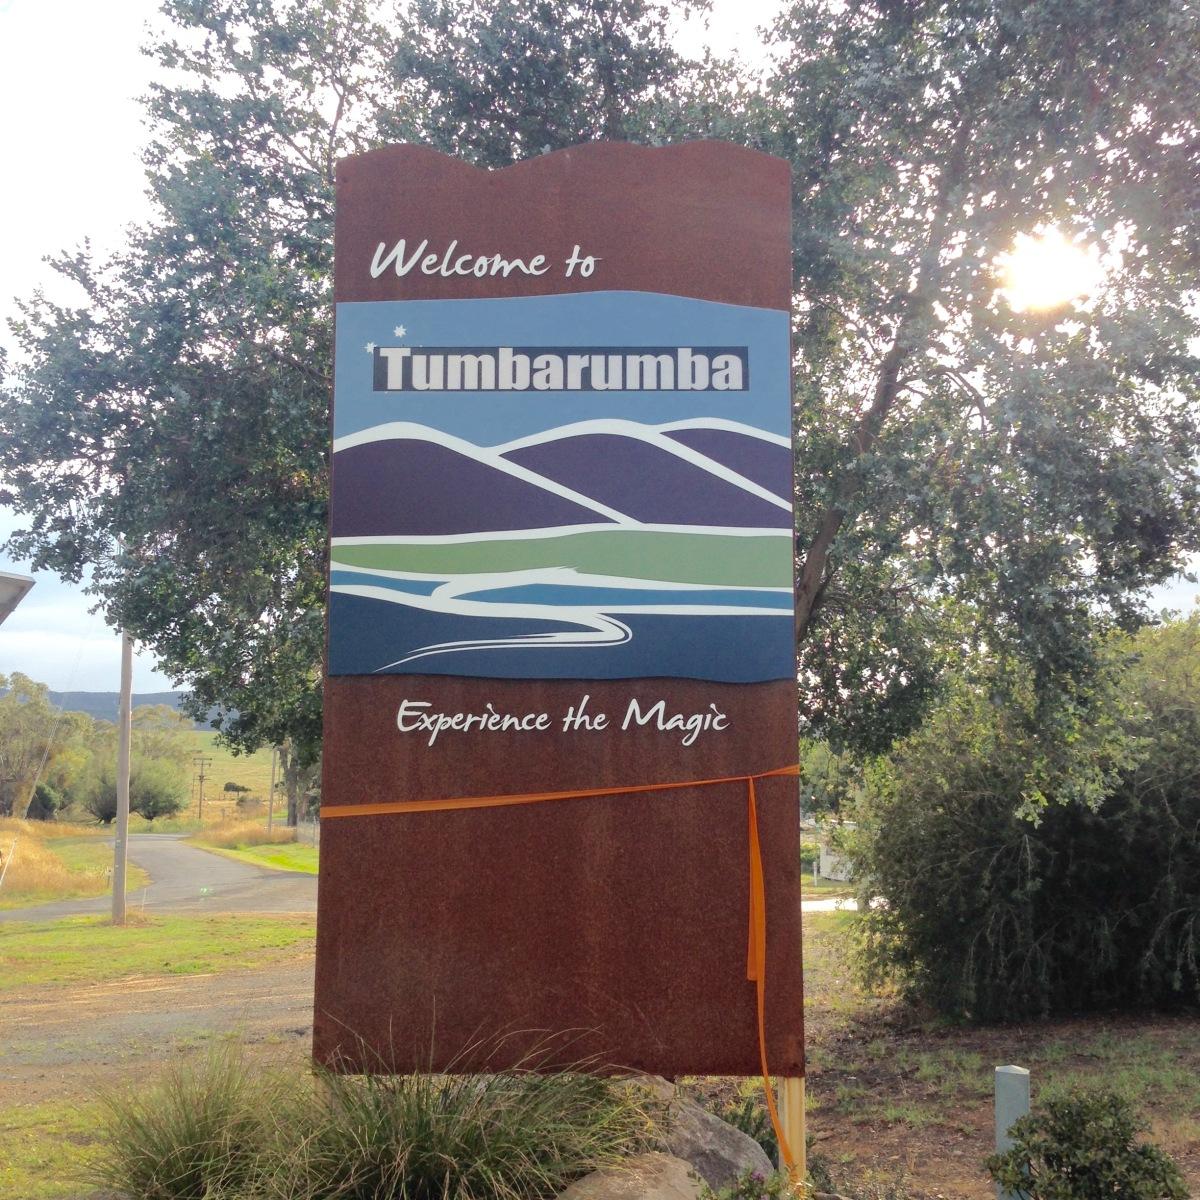 Tumba-bloody-Rumba